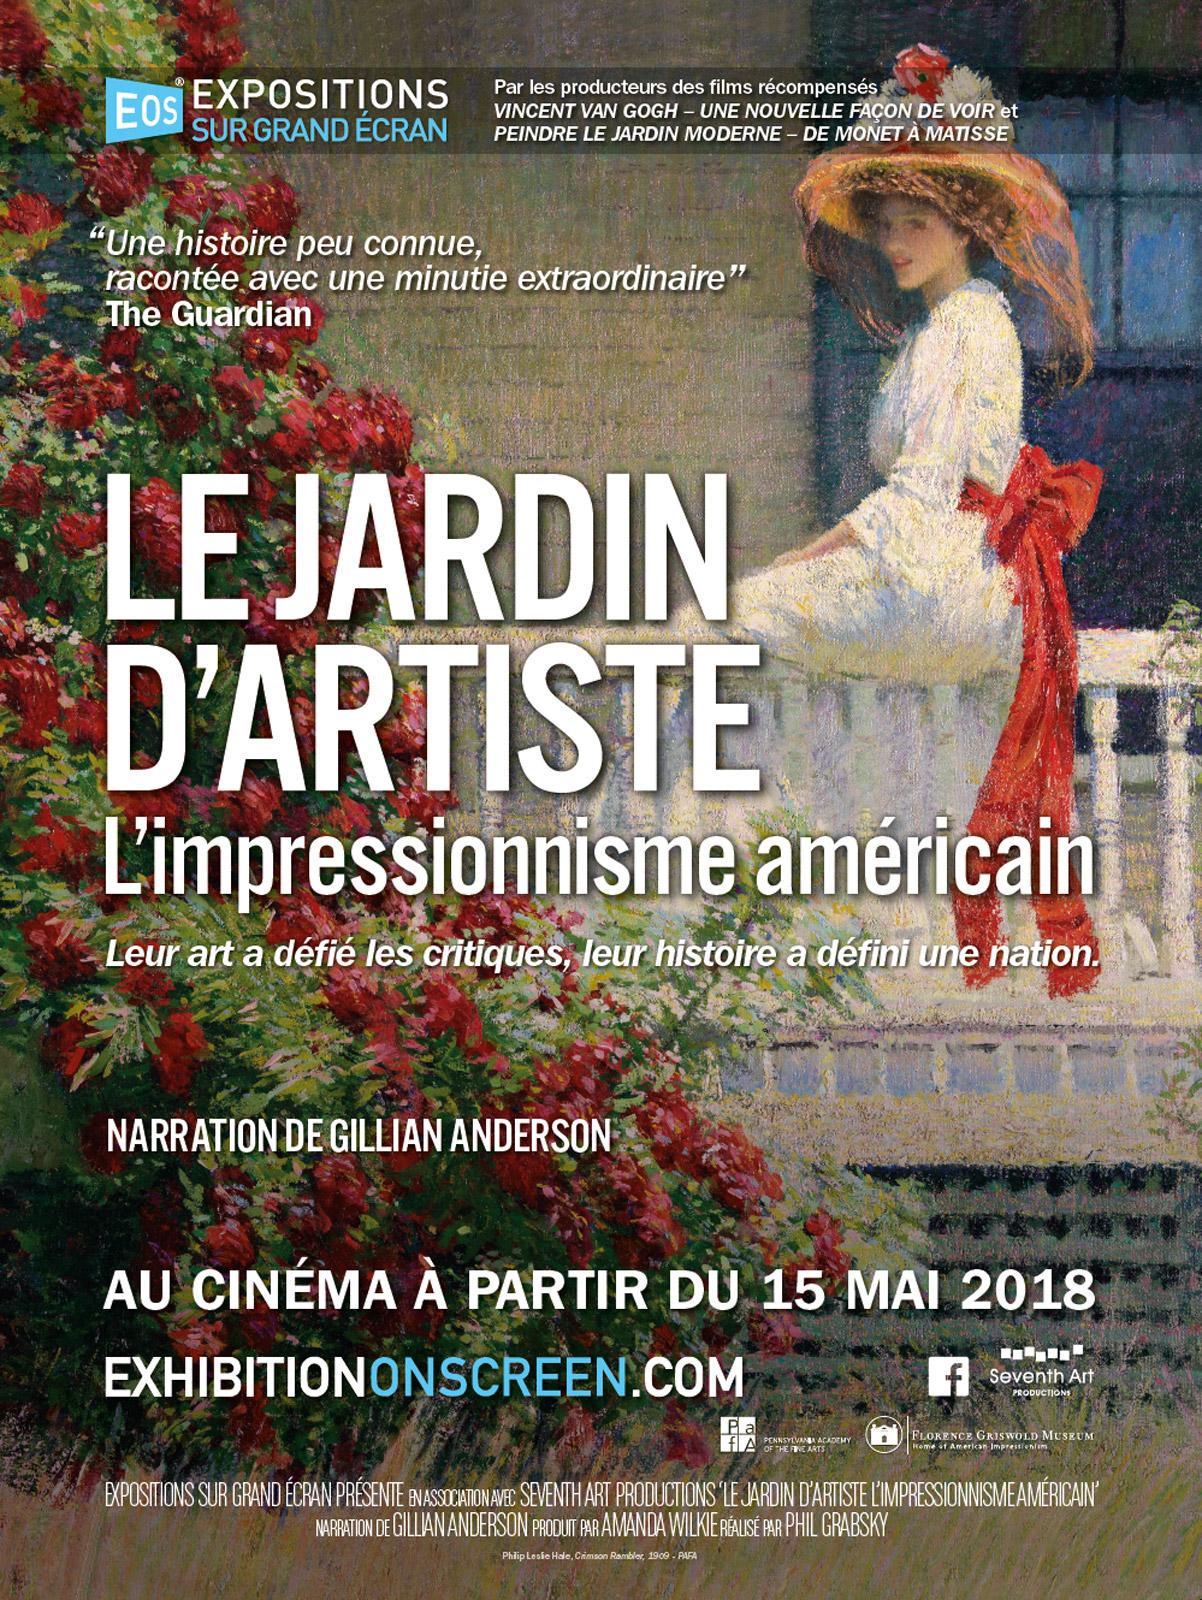 Le jardin d'artiste: L'Impressionnisme Américain